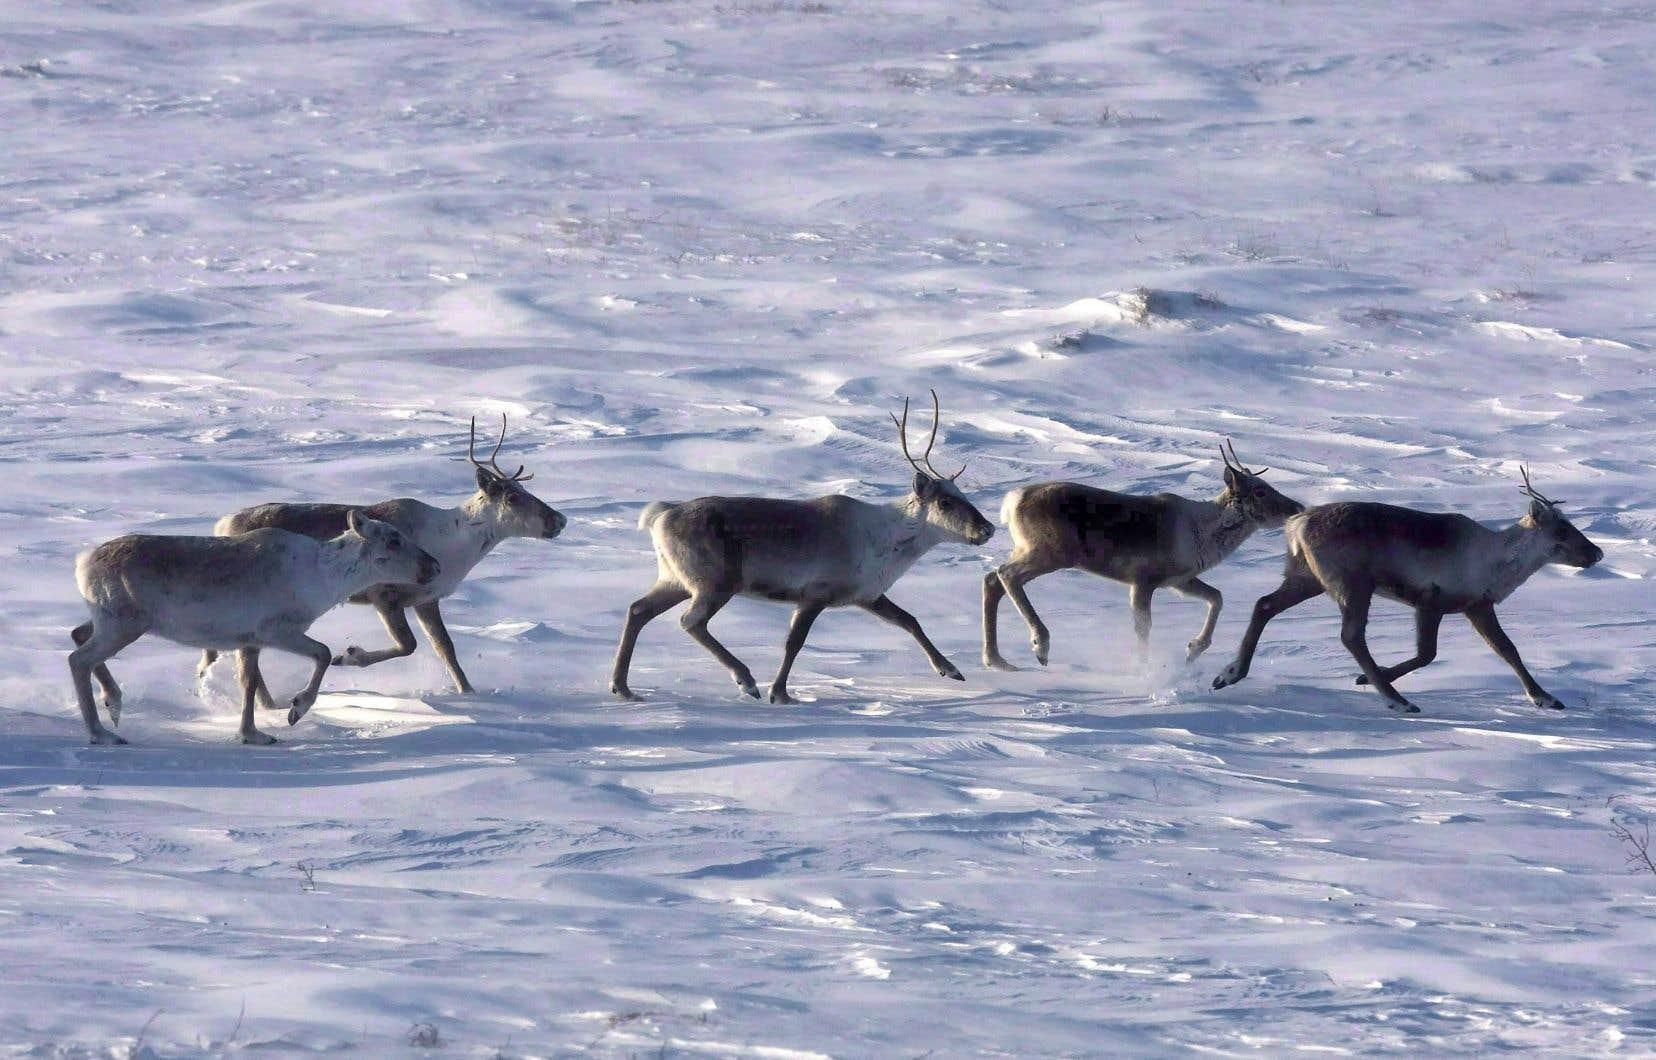 En vertu de la Loi sur les espèces menacées ou vulnérables du Québec, le caribou migrateur ne bénéficie d'«aucune désignation», et le gouvernement n'a toujours pas décidé s'il ira de l'avant avec une inscription comme espèce «menacée», comme c'est le cas pour le caribou forestier.